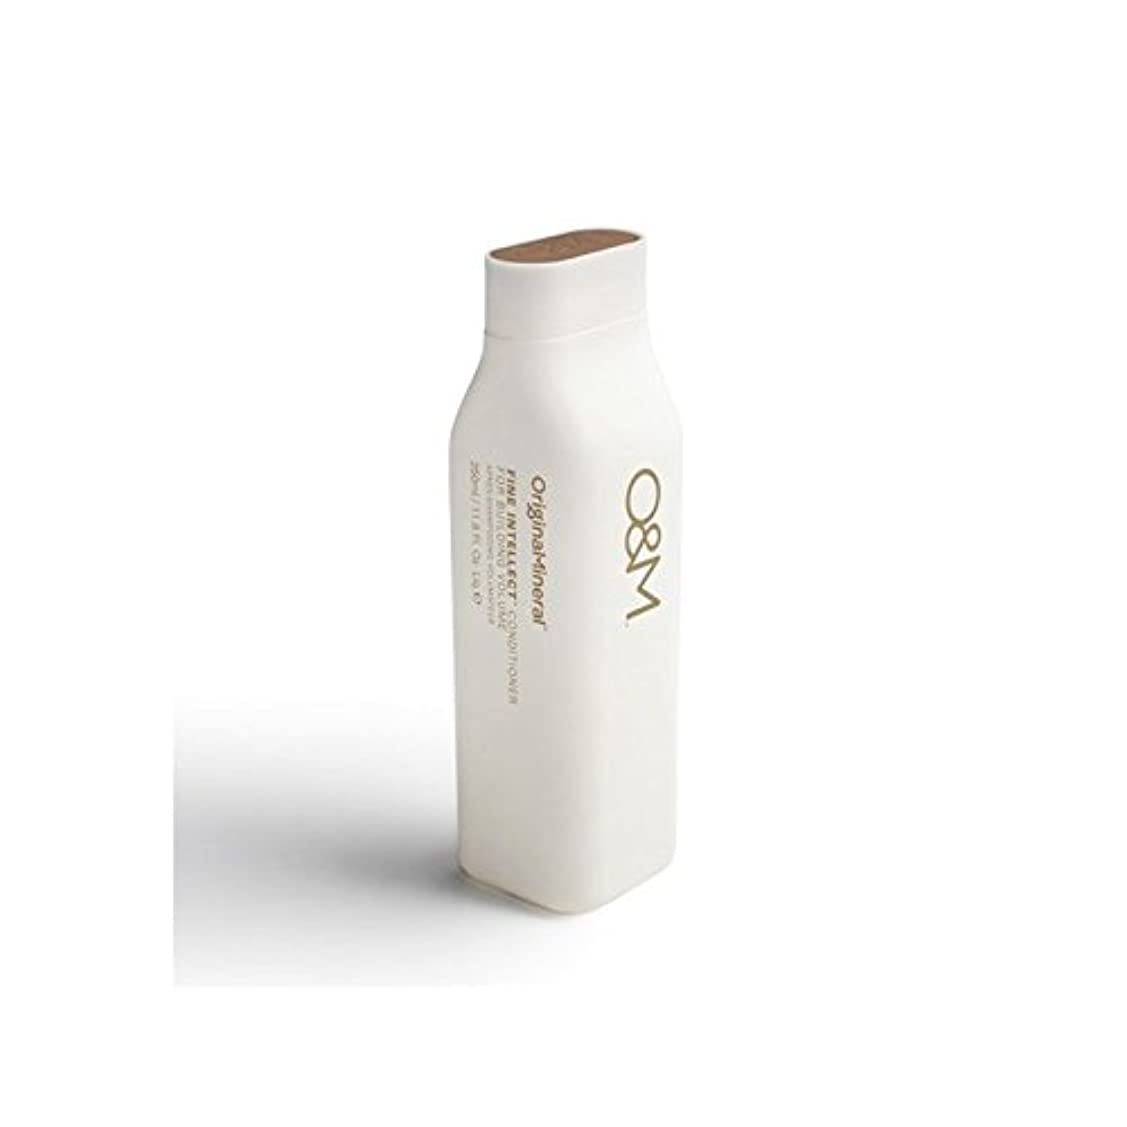 バスルーム今まで付き添い人オリジナル&ミネラル細かい知性コンディショナー(350ミリリットル) x2 - Original & Mineral Fine Intellect Conditioner (350ml) (Pack of 2) [並行輸入品]